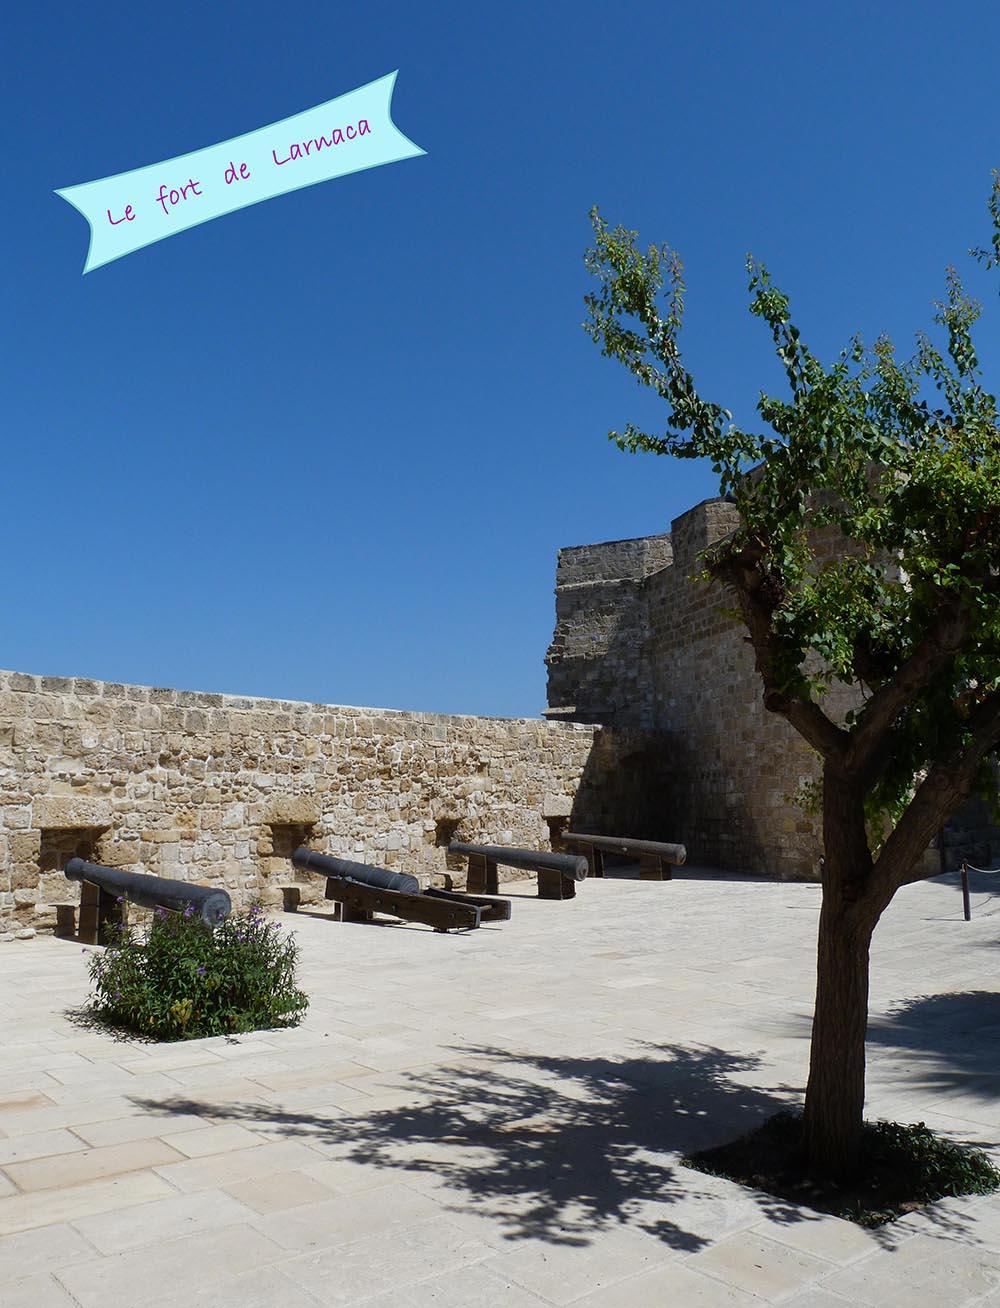 fort de Larnaca